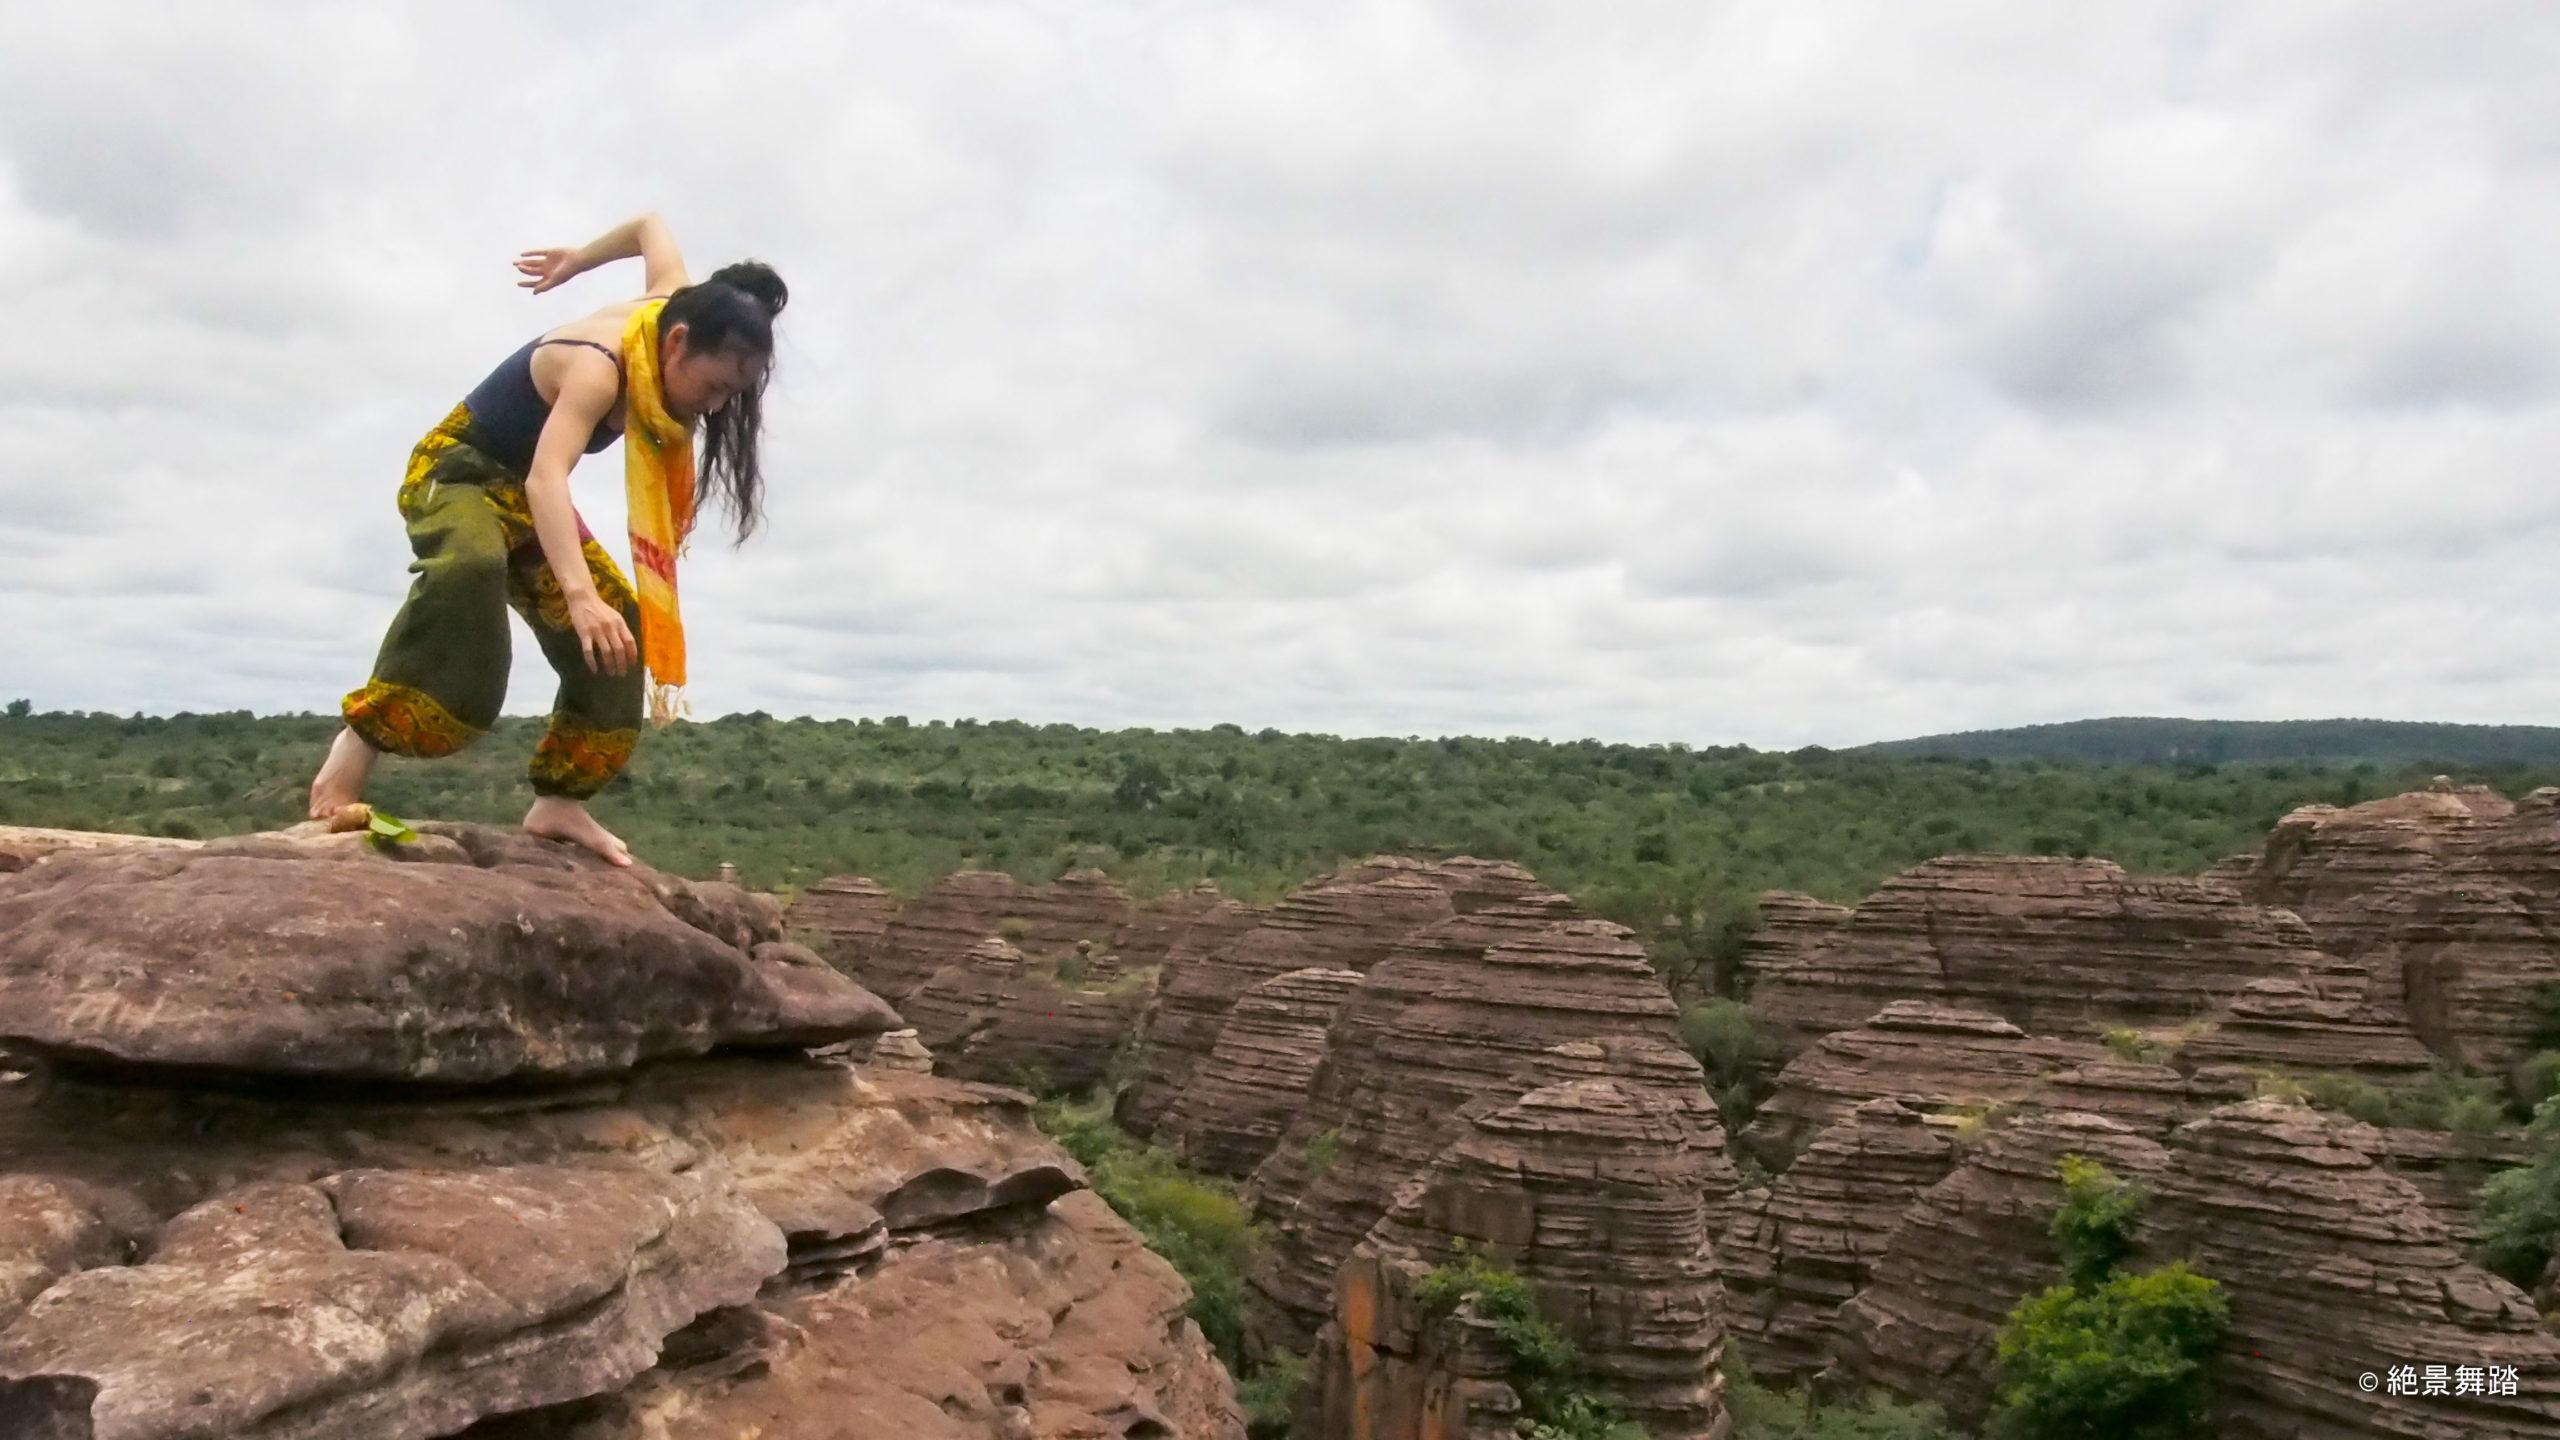 動画54 ブルキナファソ ファベドゥグドーム 奇岩上での舞踏